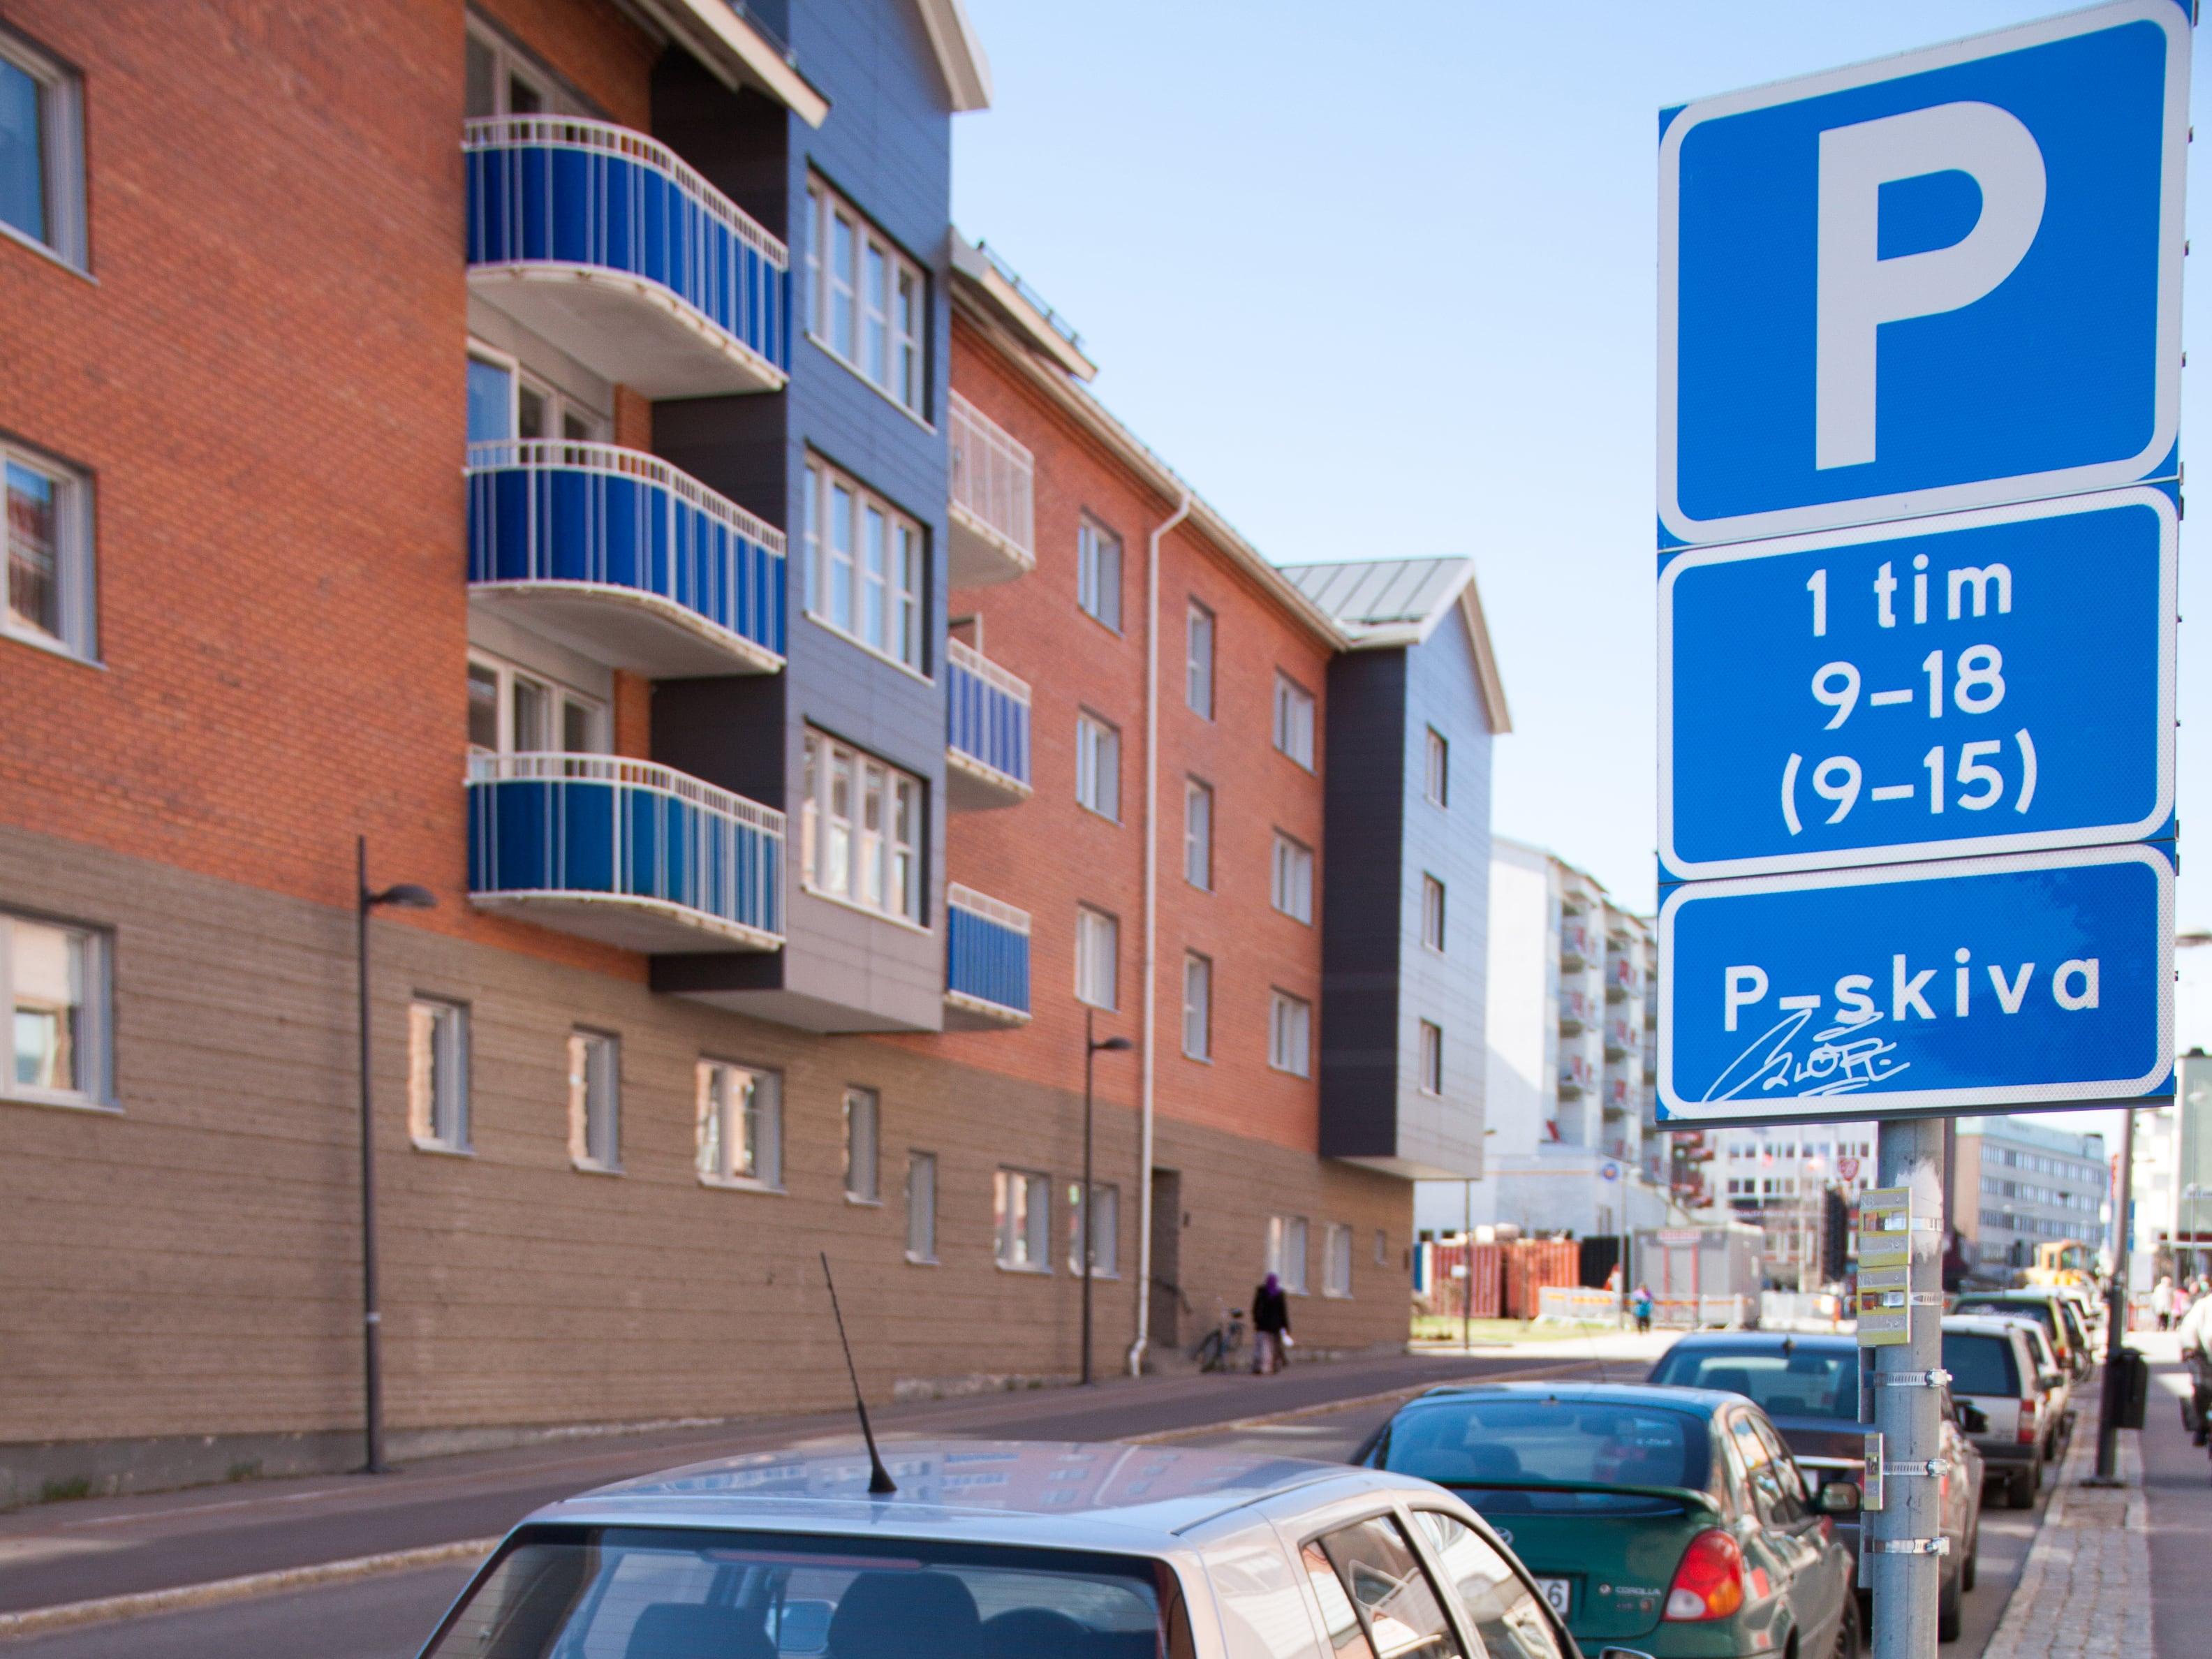 Parkering - Krönika från Bodens kommun i Gratistidningen, vecka 25 2019.